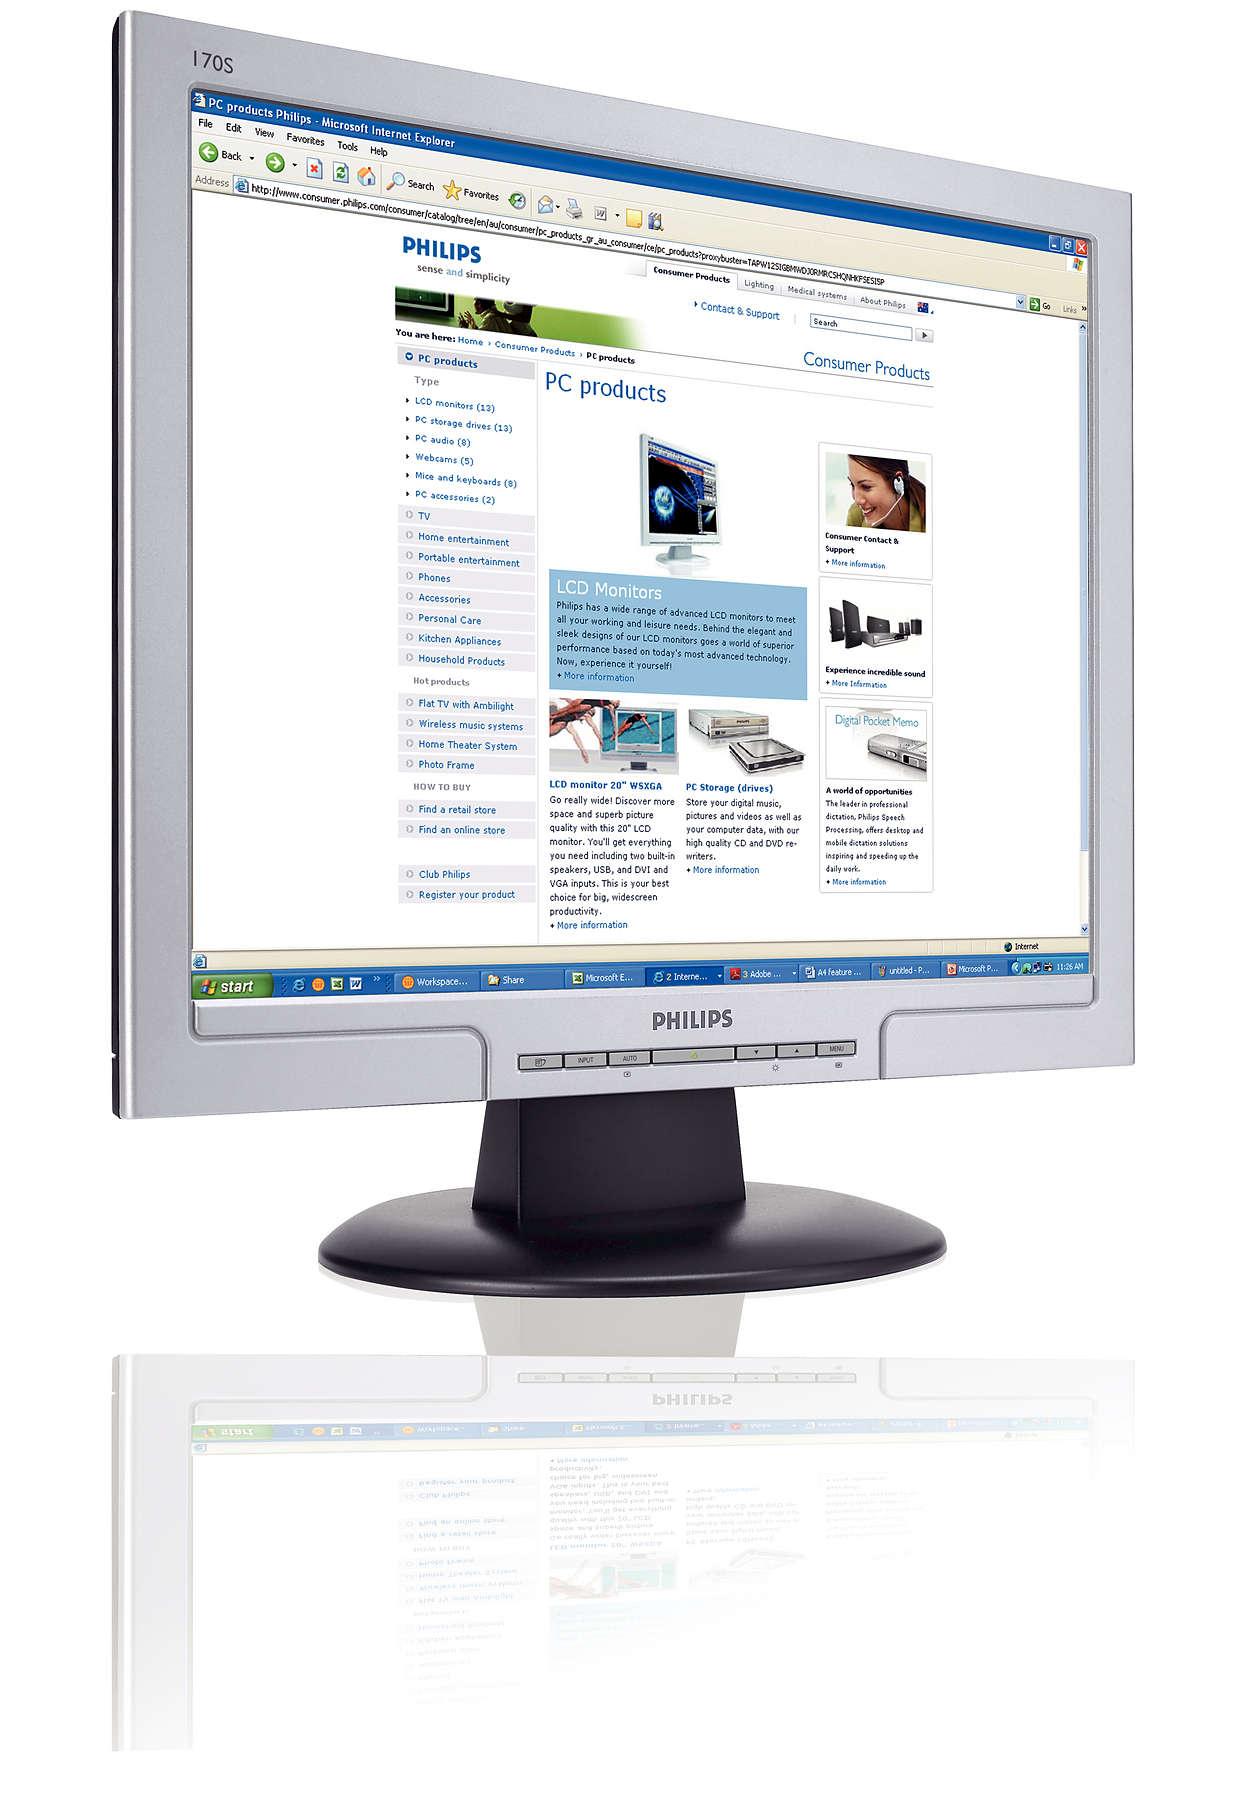 Kompakt skärm, höga prestanda som passar budgeten